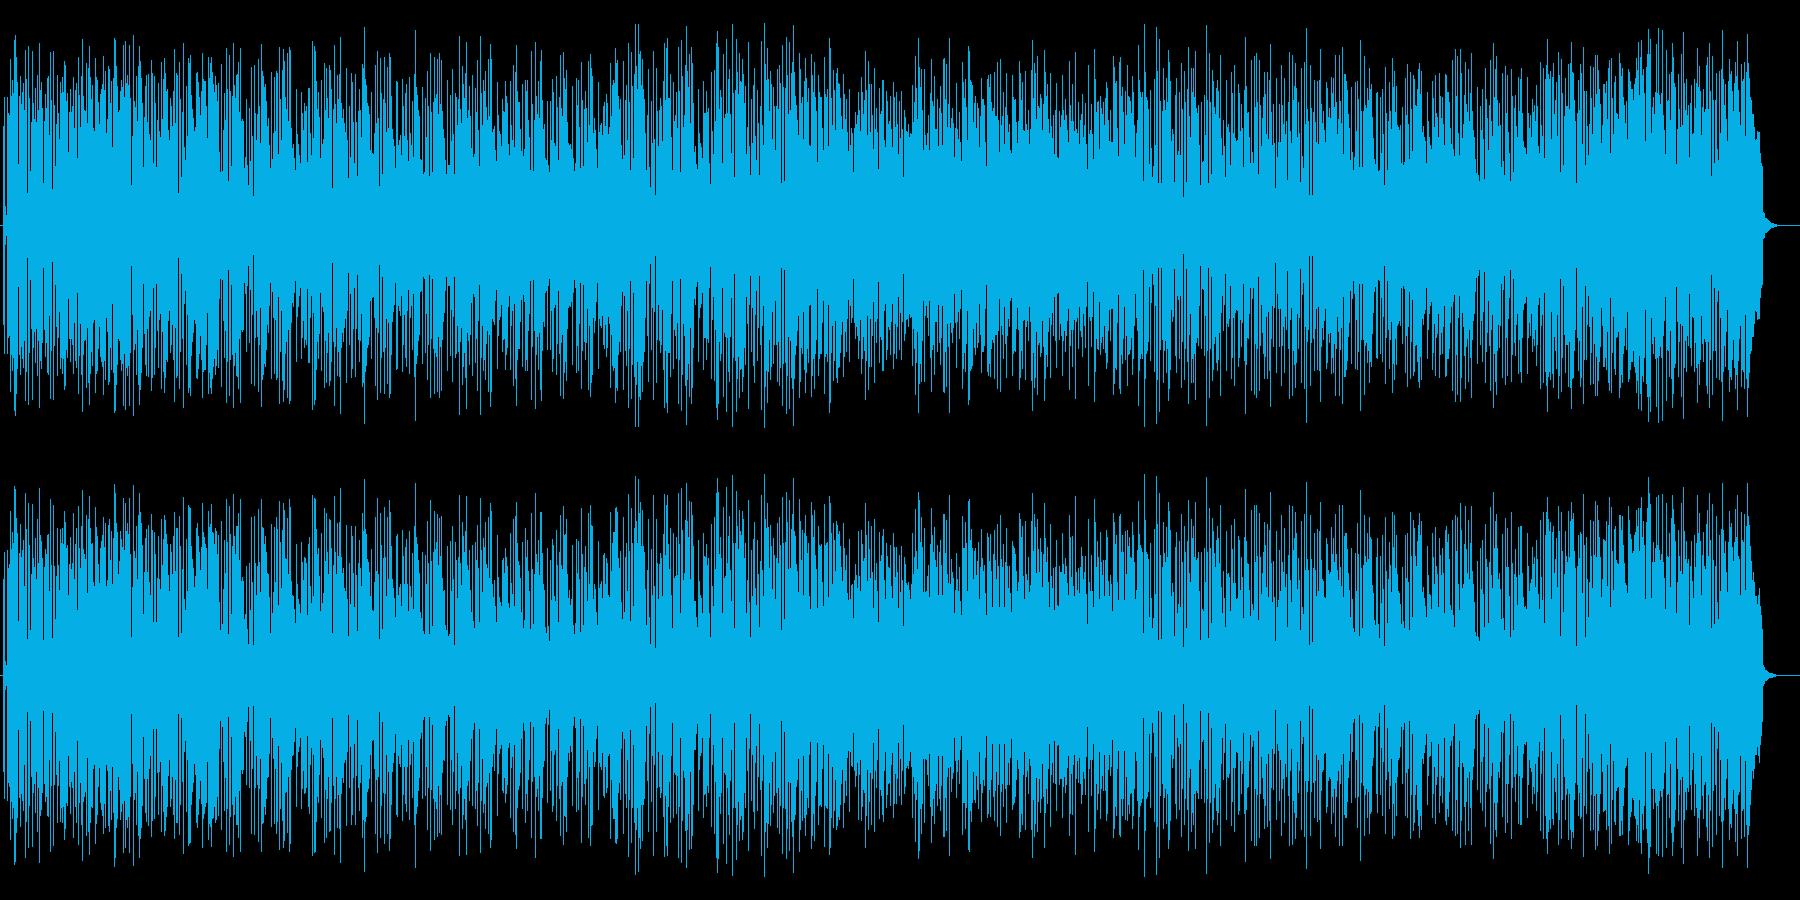 ほのぼのしたシンセサイザー打楽器などの曲の再生済みの波形